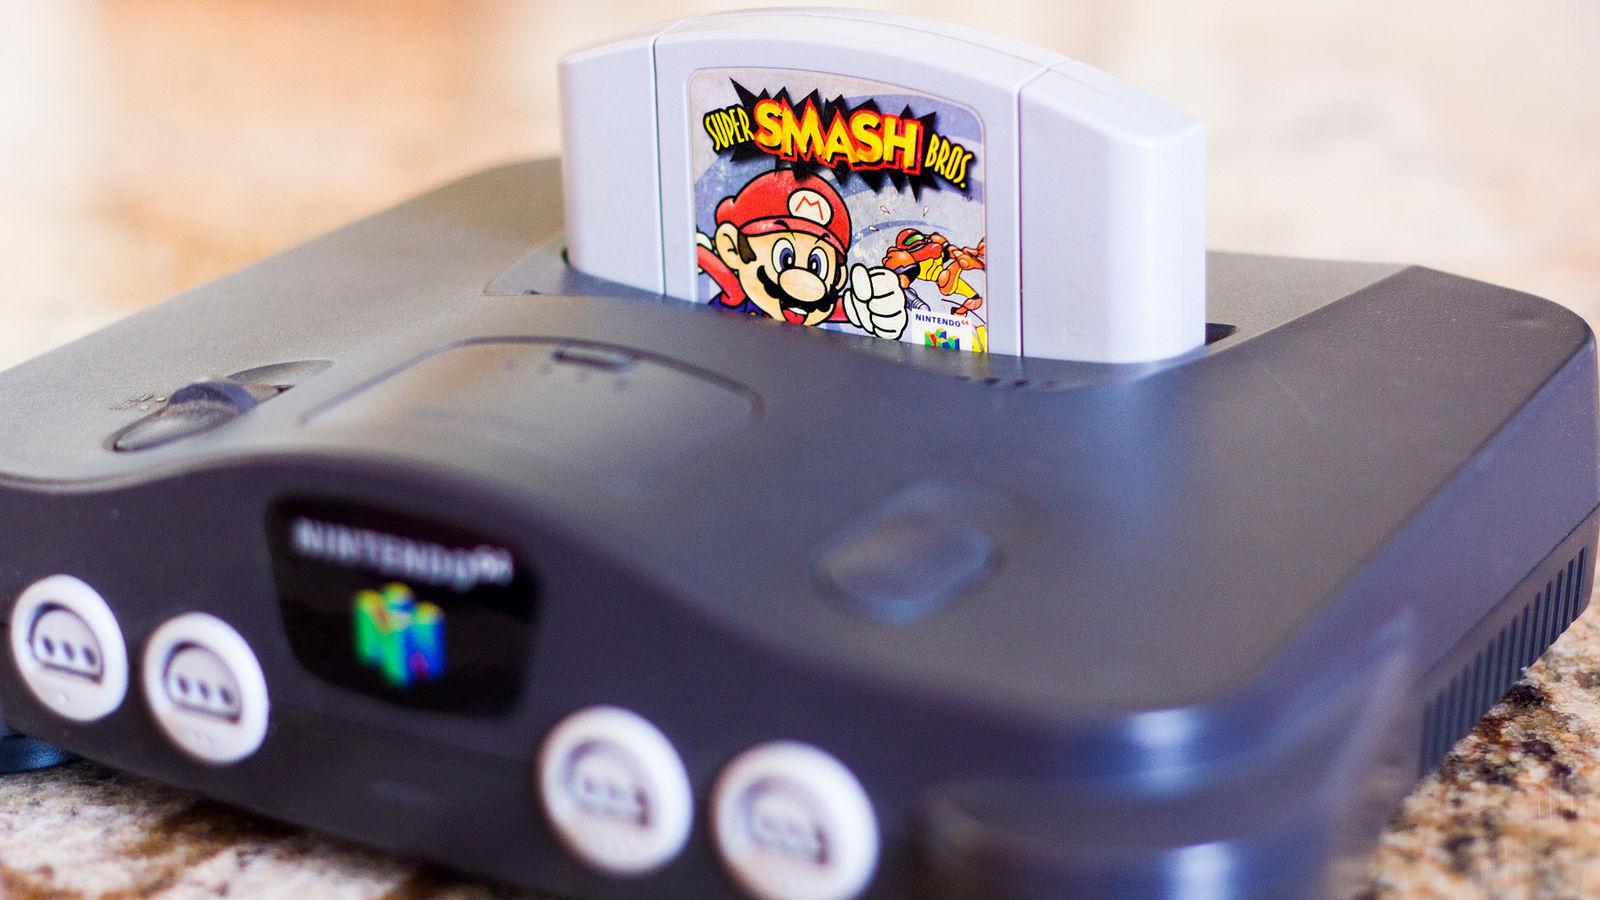 Farley Santos via Flickr, Nintendo 64